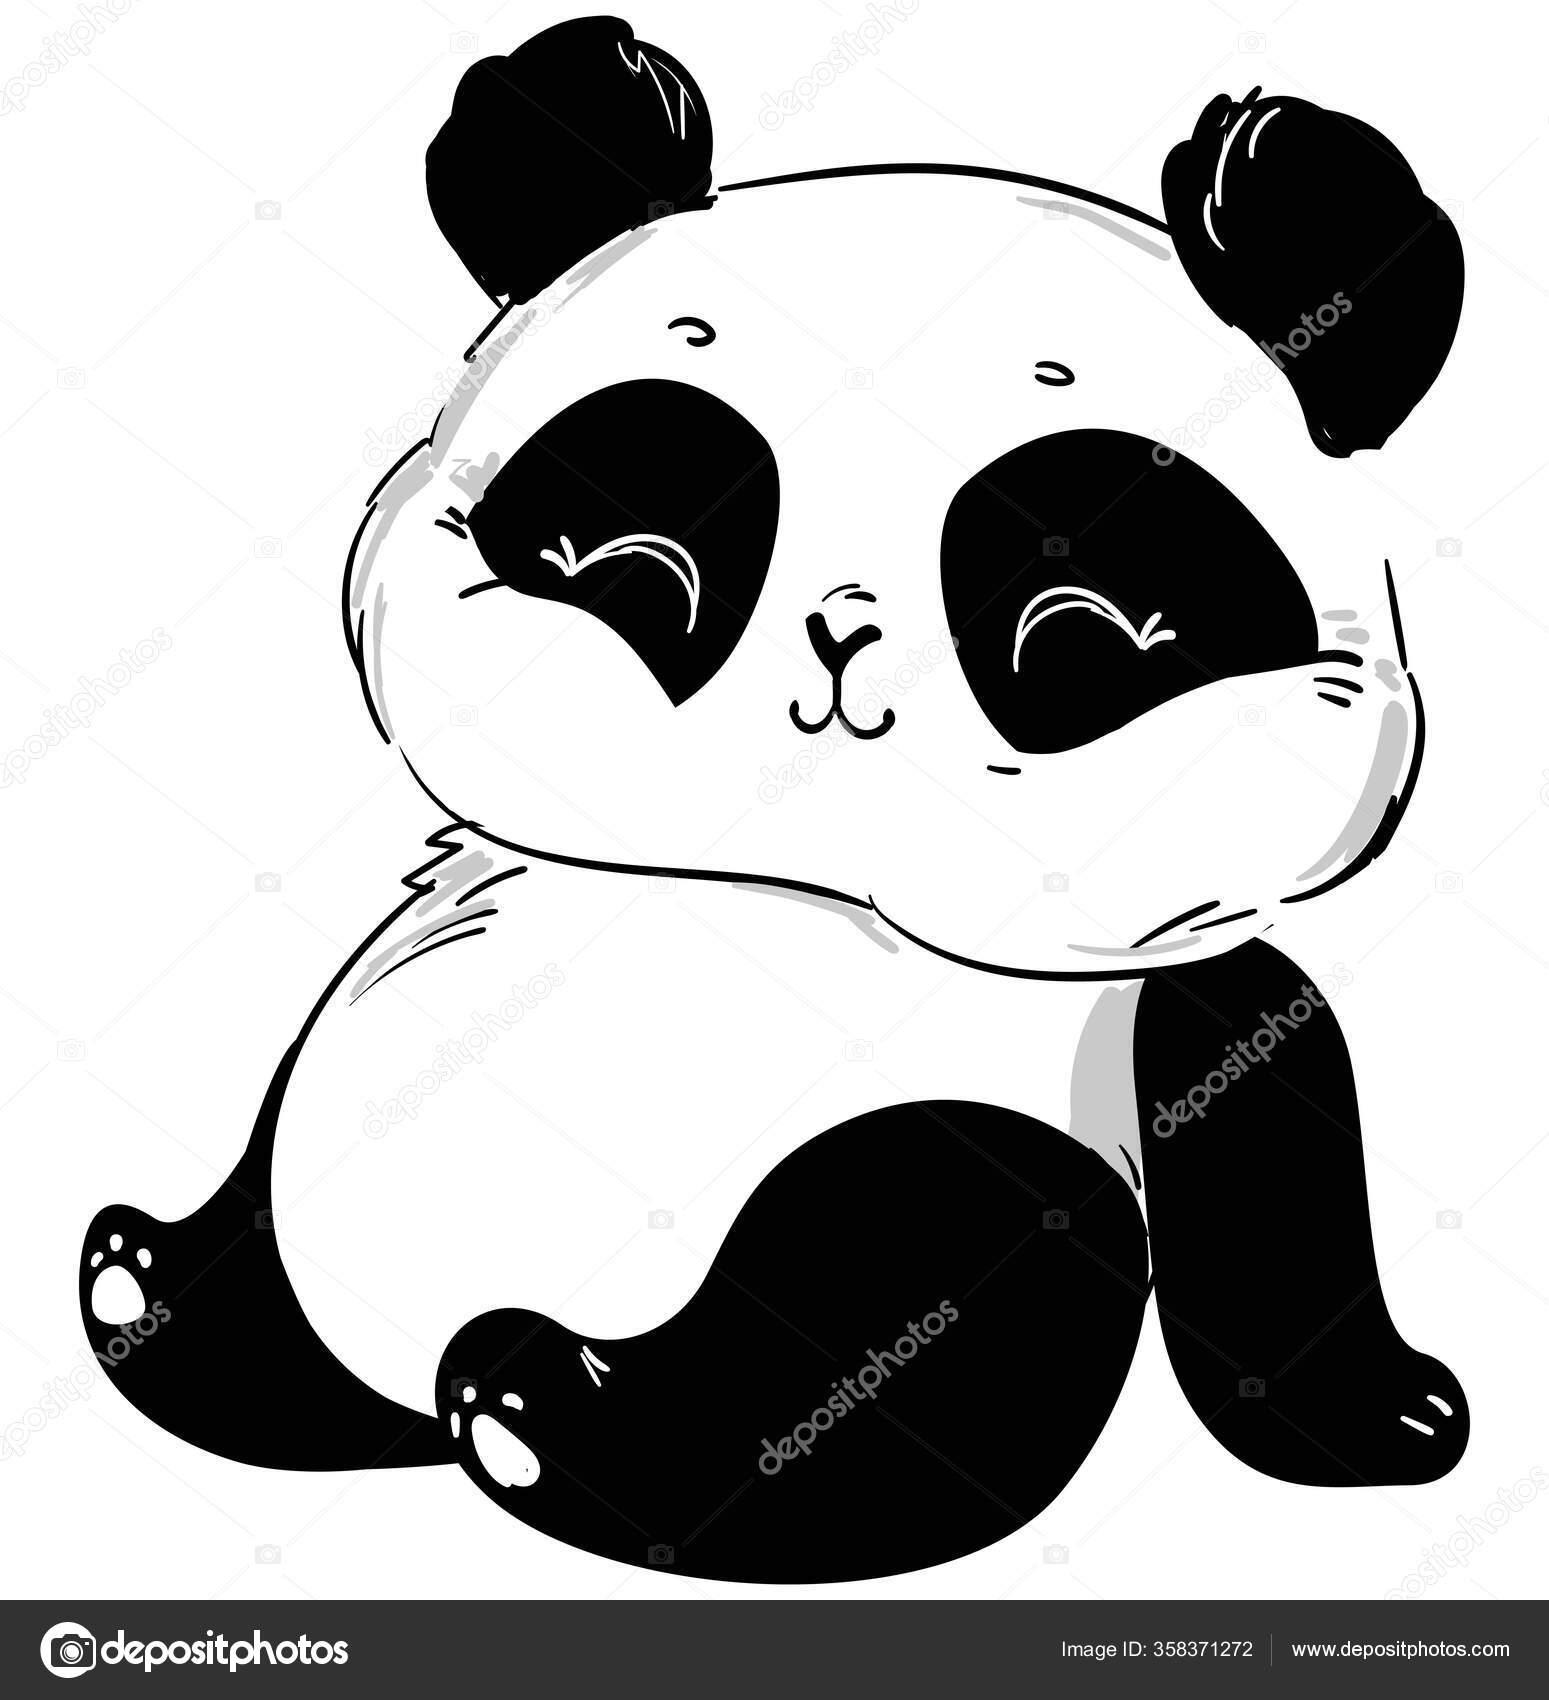 Cute Panda Vector Children Print Shirt Stock Vector C Alsoush 358371272